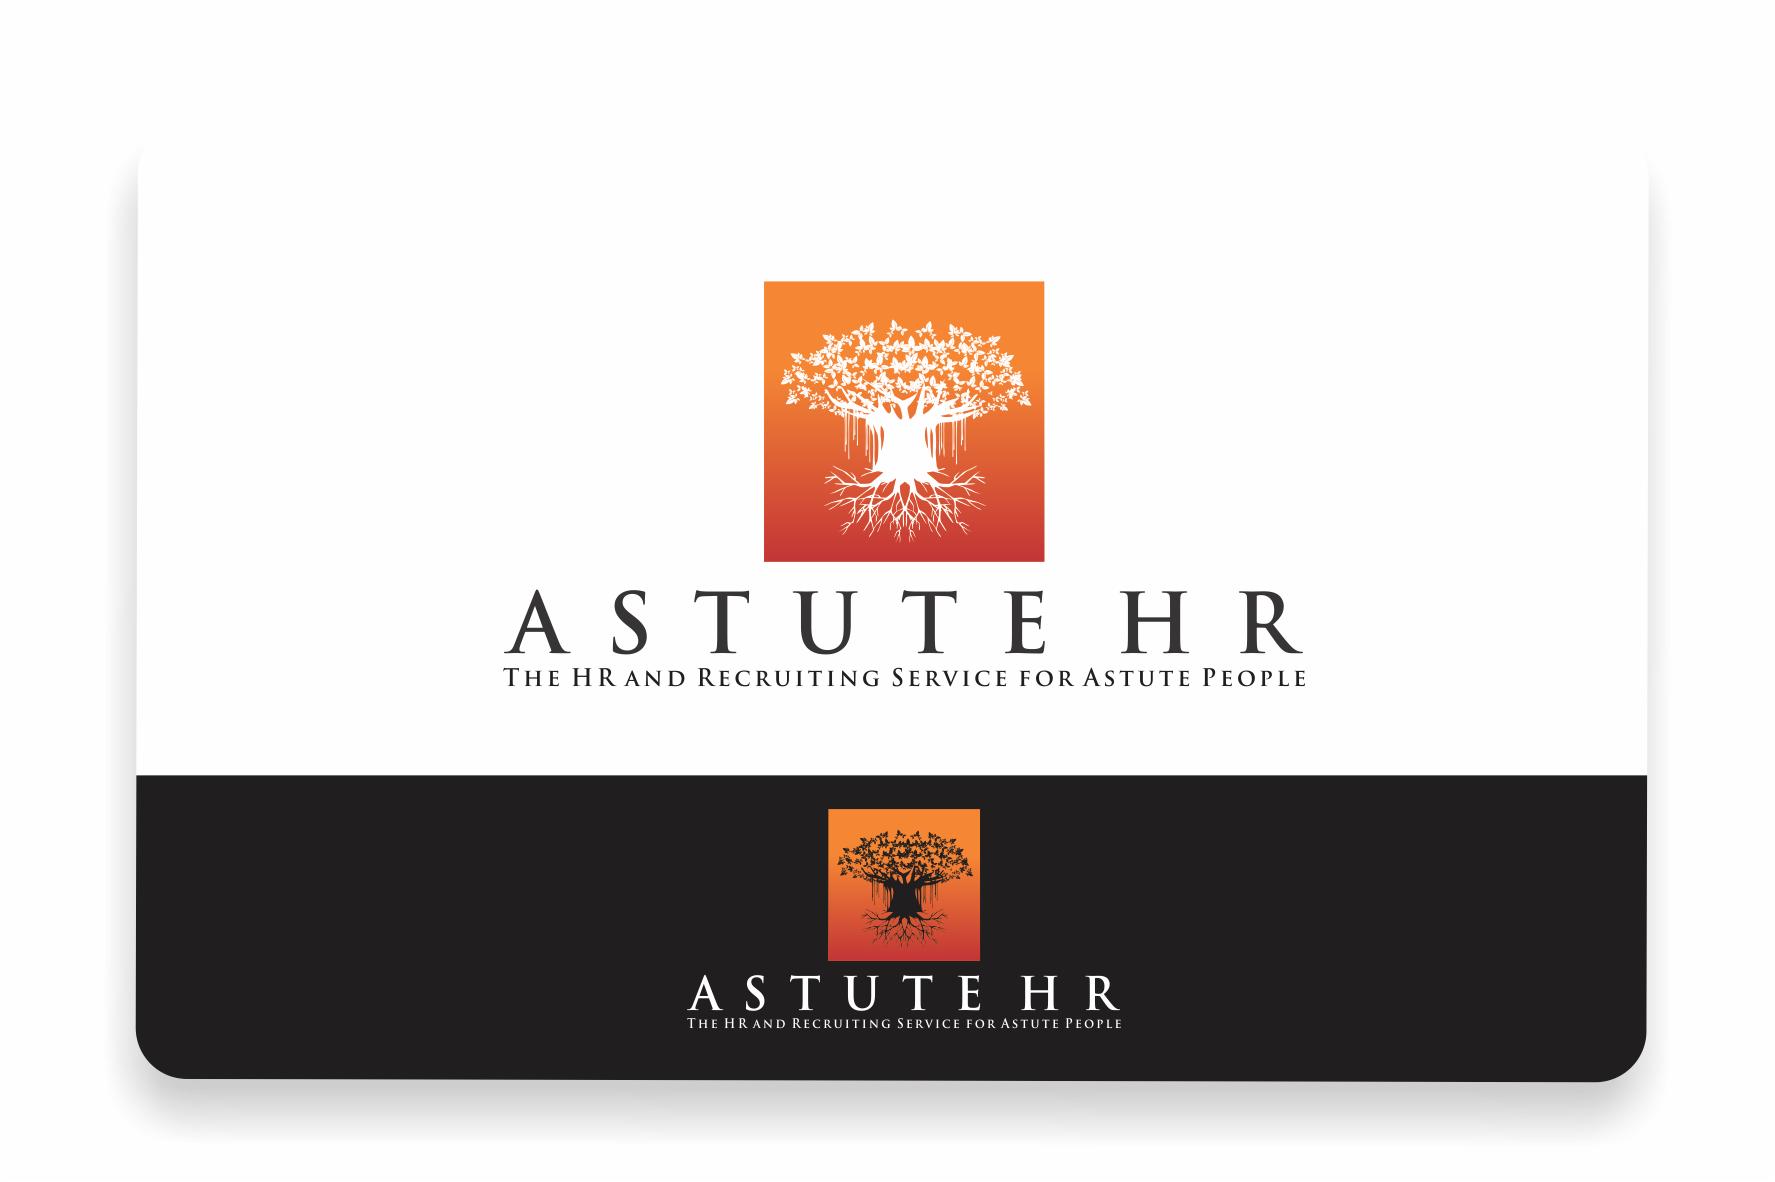 Help Astute HR with a new logo